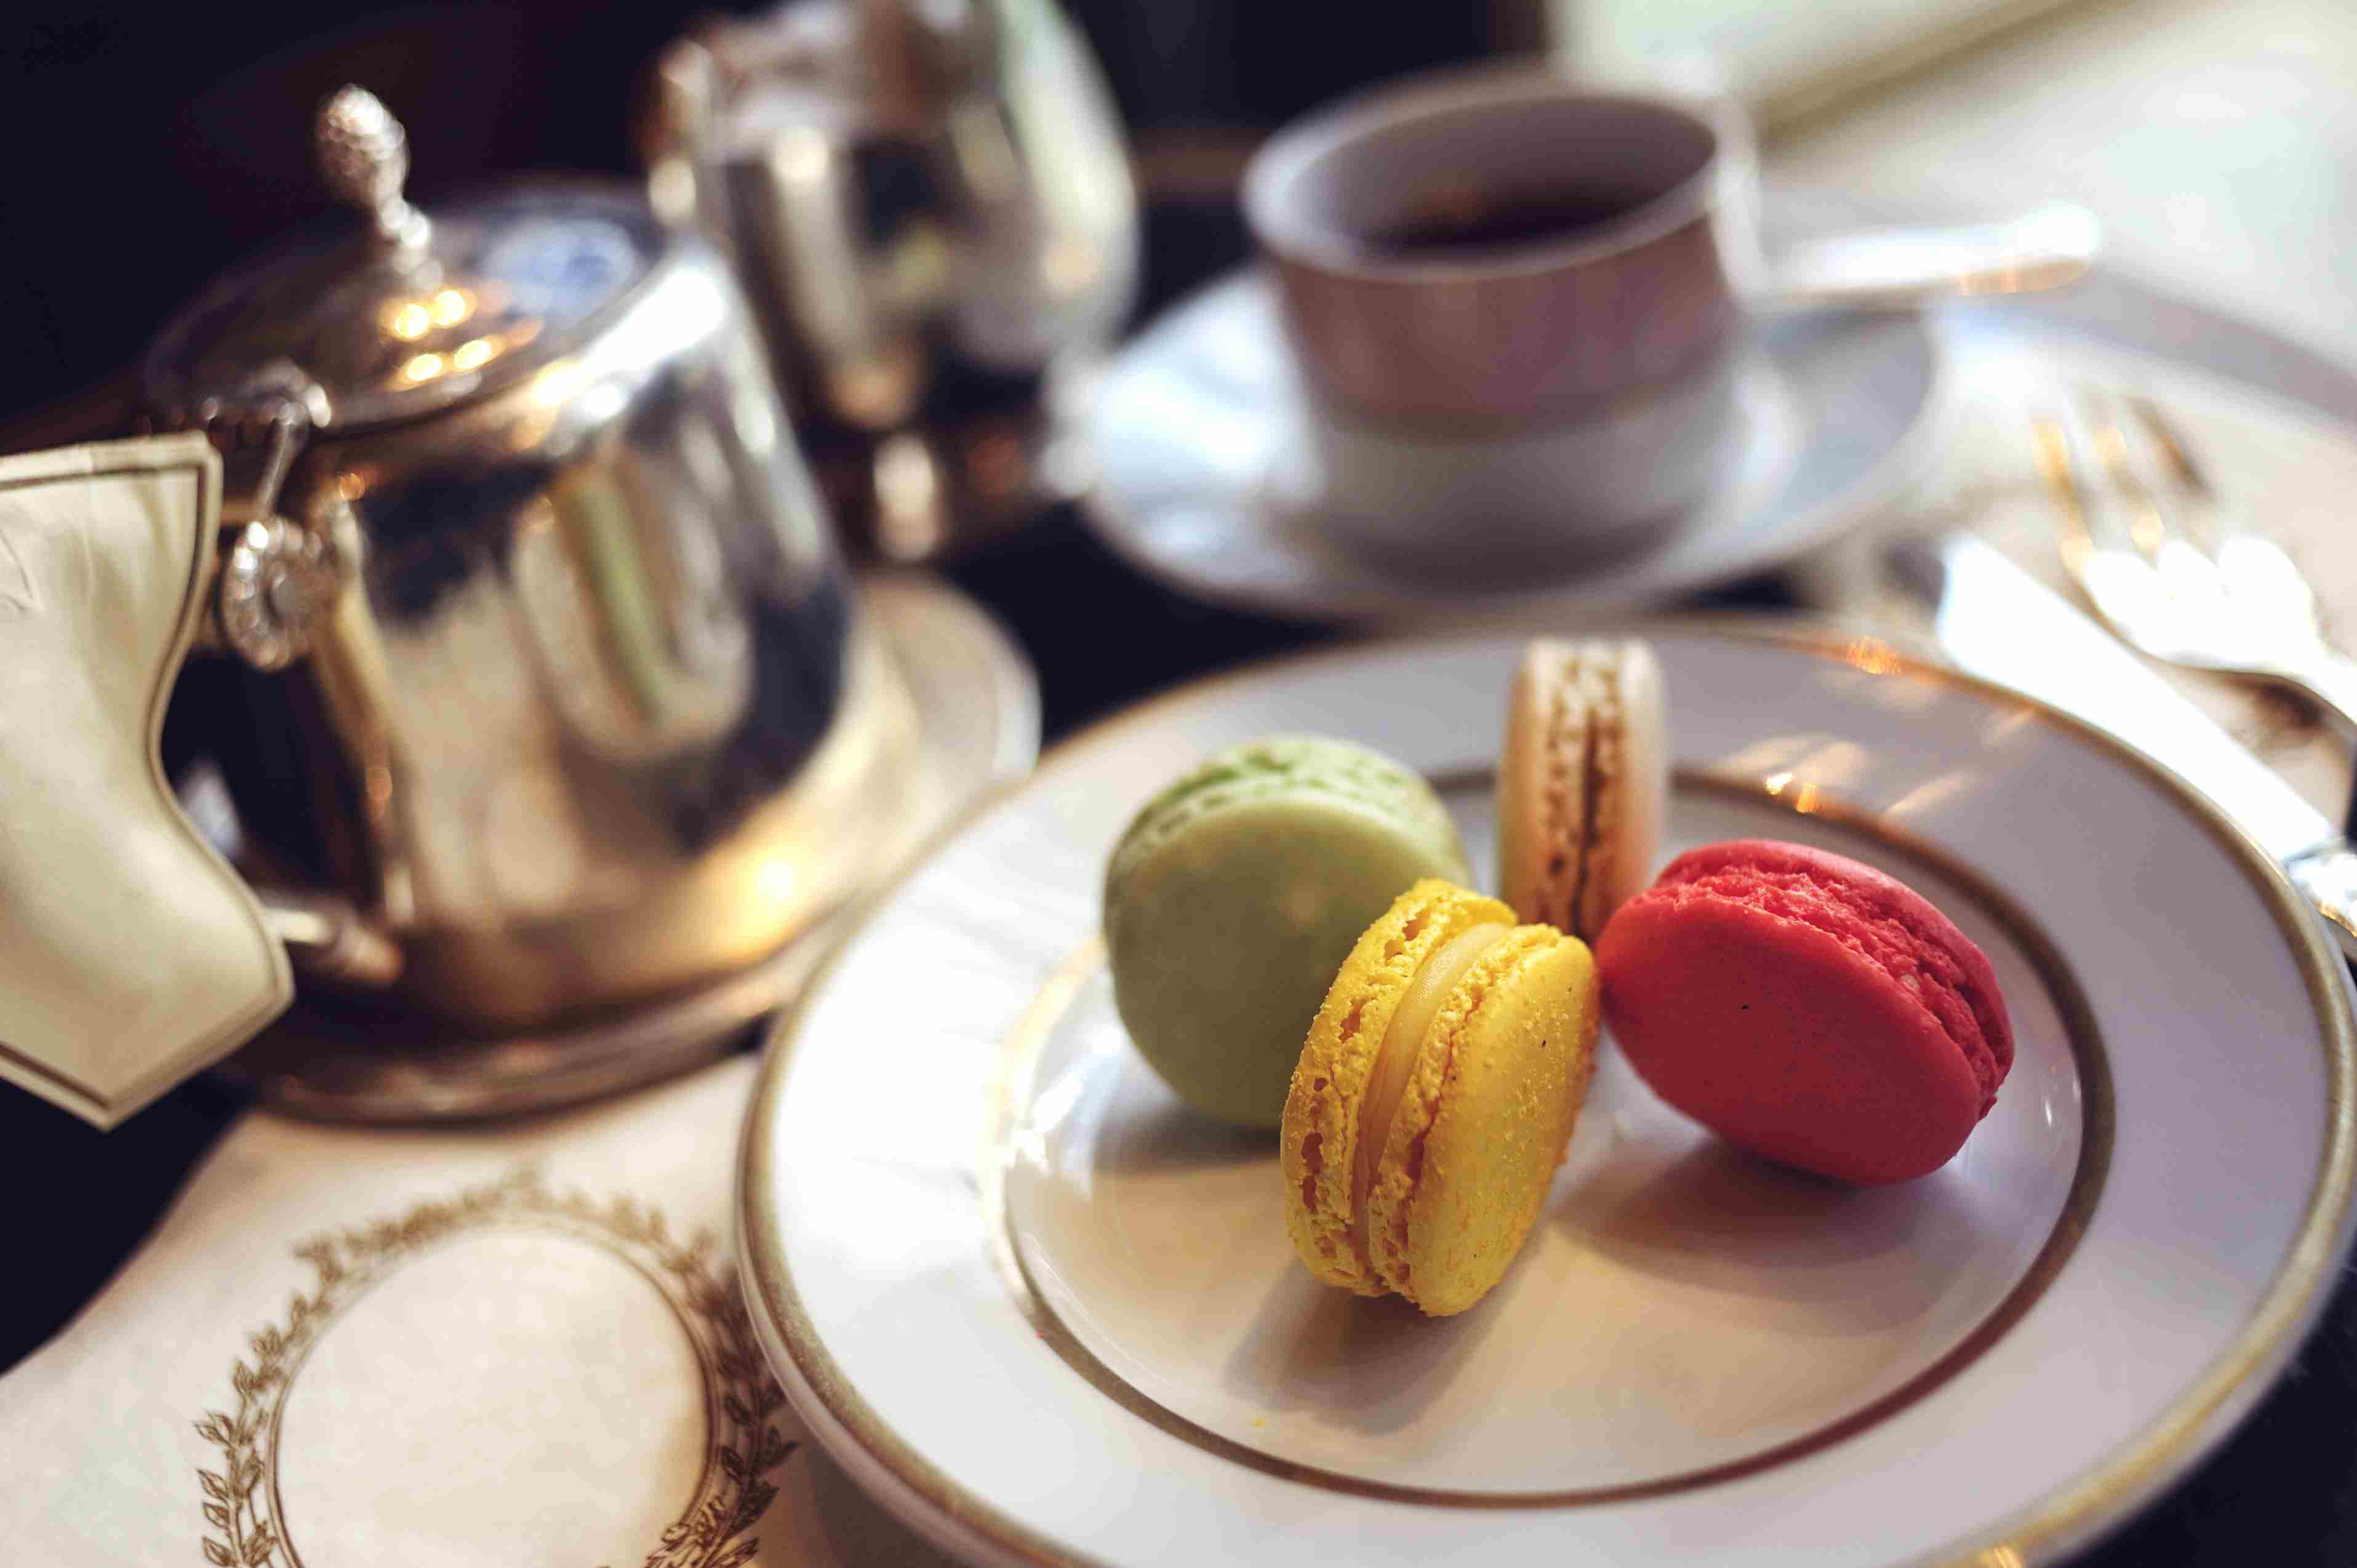 El Ladurée salon du thé en París es un lugar favorito para el té de la tarde